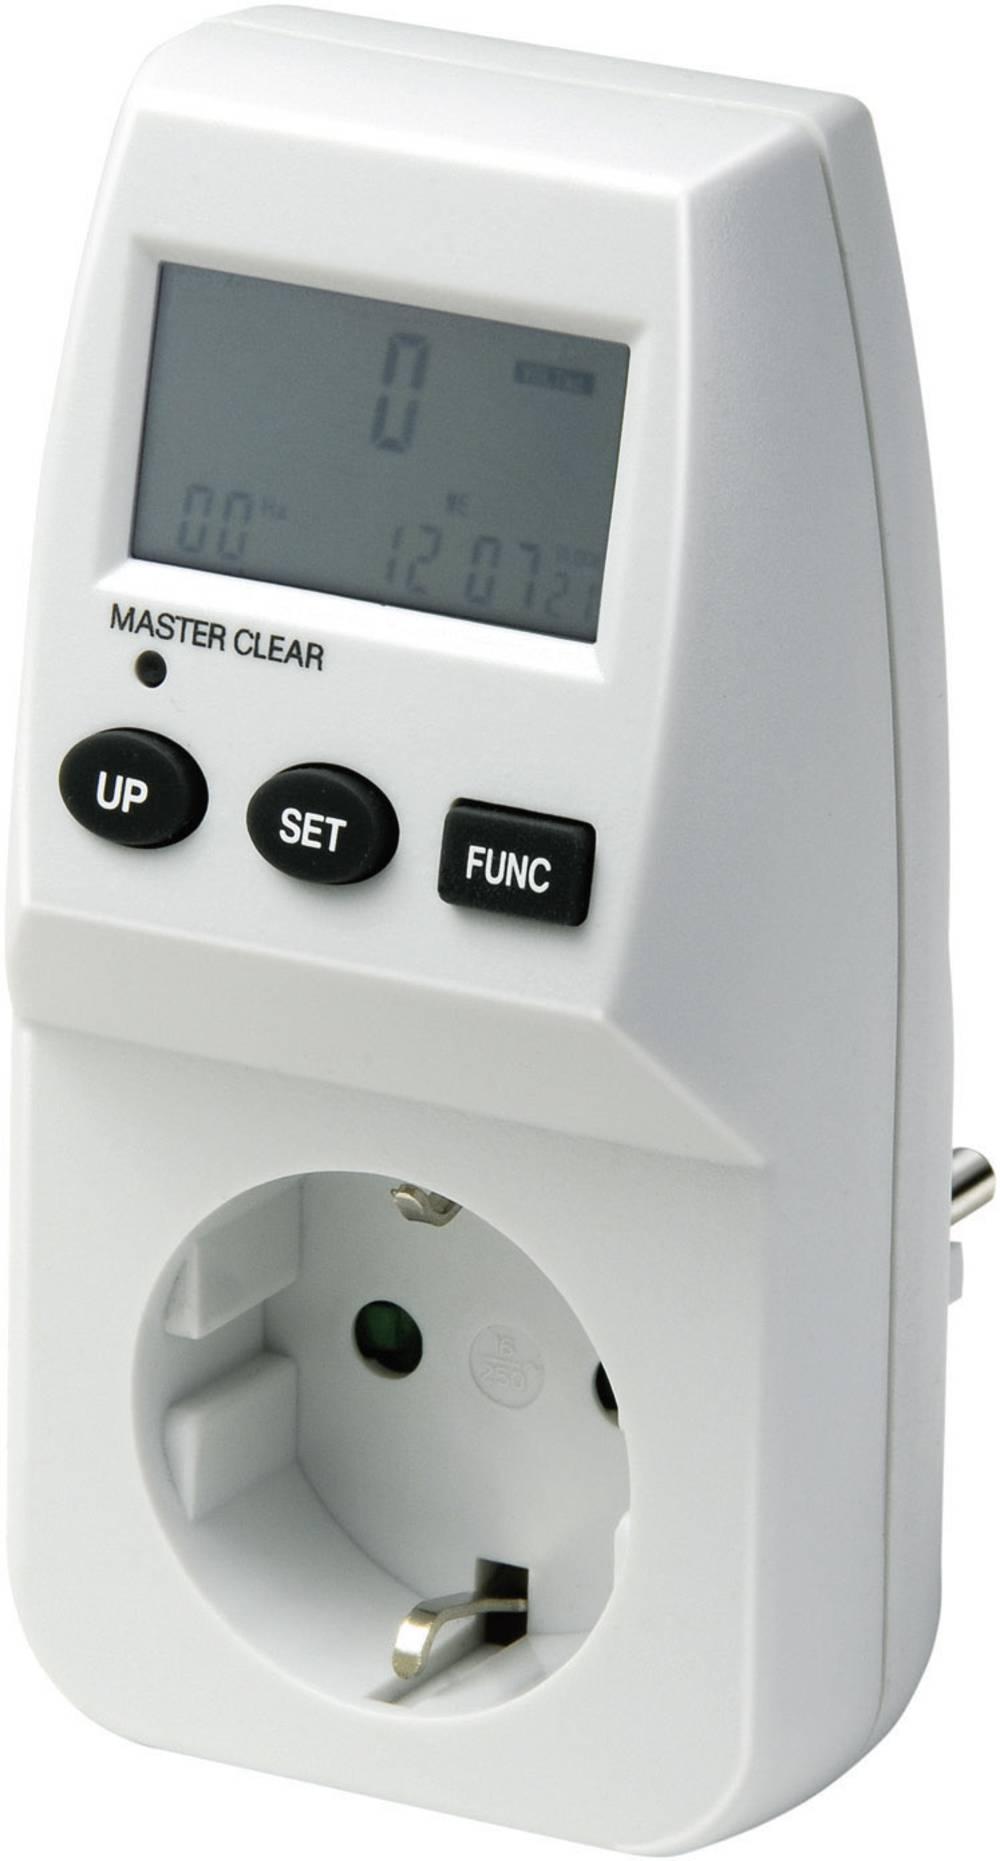 Merilnik stroškov energijske porabe z LCD zaslonom Brennenstuhl EM 231 LCD 0 – 9999.9 kWh